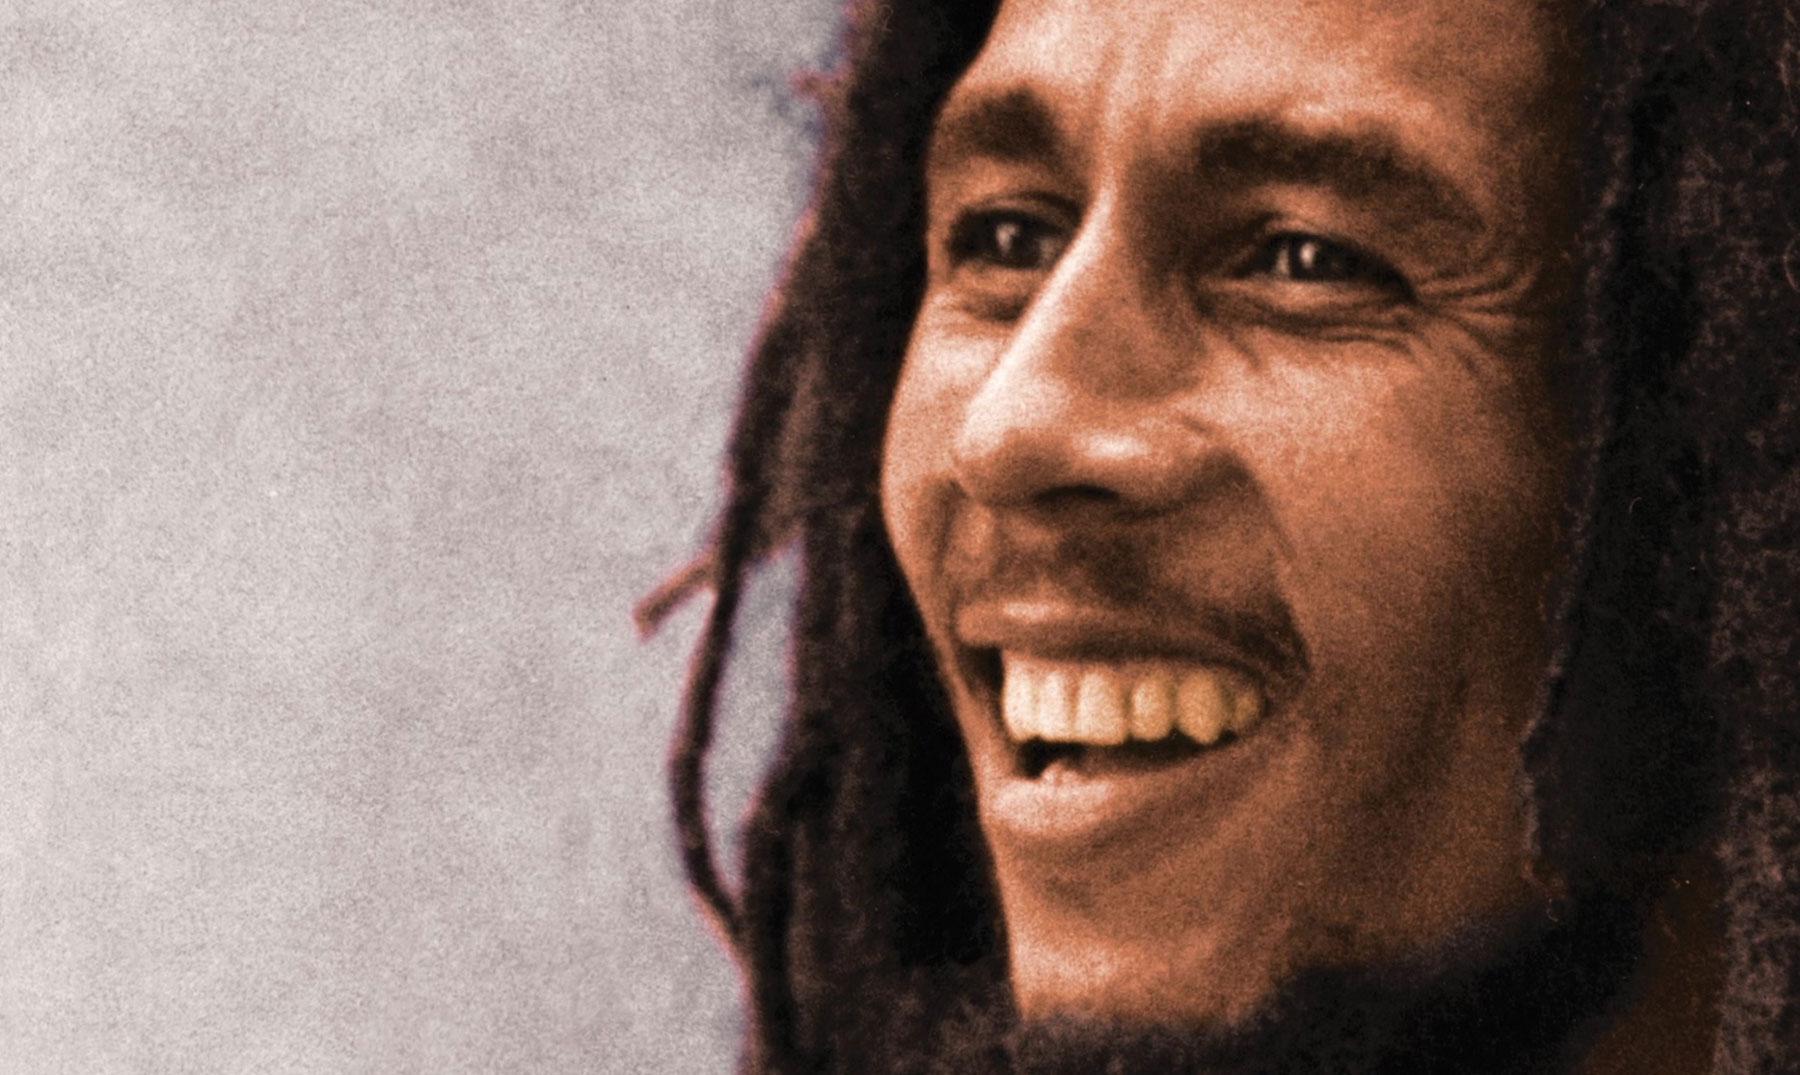 Frases De Bob Marley: 120 Frases De Bob Marley Y Su Filosofía Rasta [Con Imágenes]